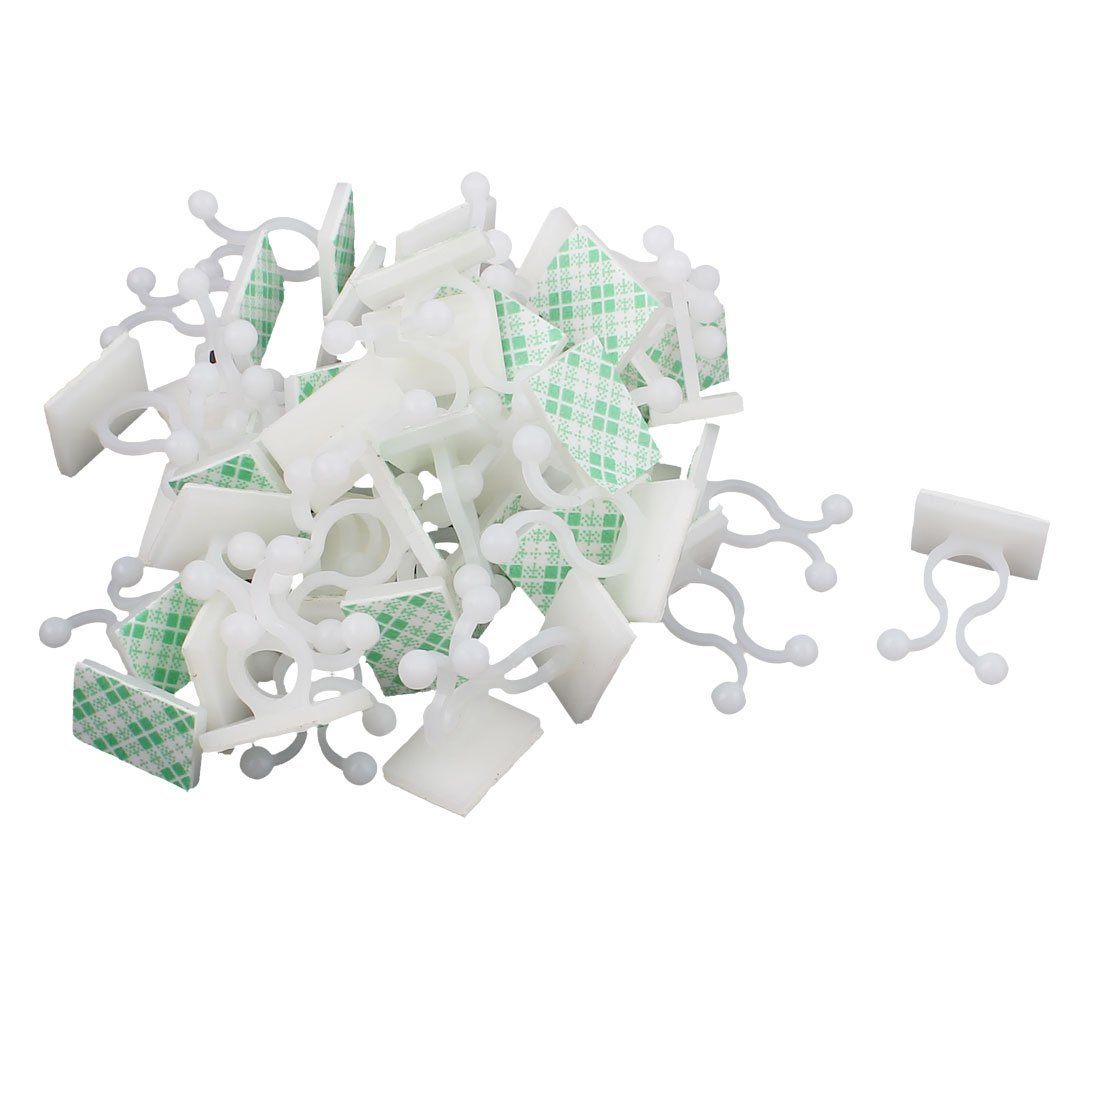 Giro KL-3 White auto-adhesivo de base de bloqueo del alambre del sostenedor de 50 PC - - Amazon.com